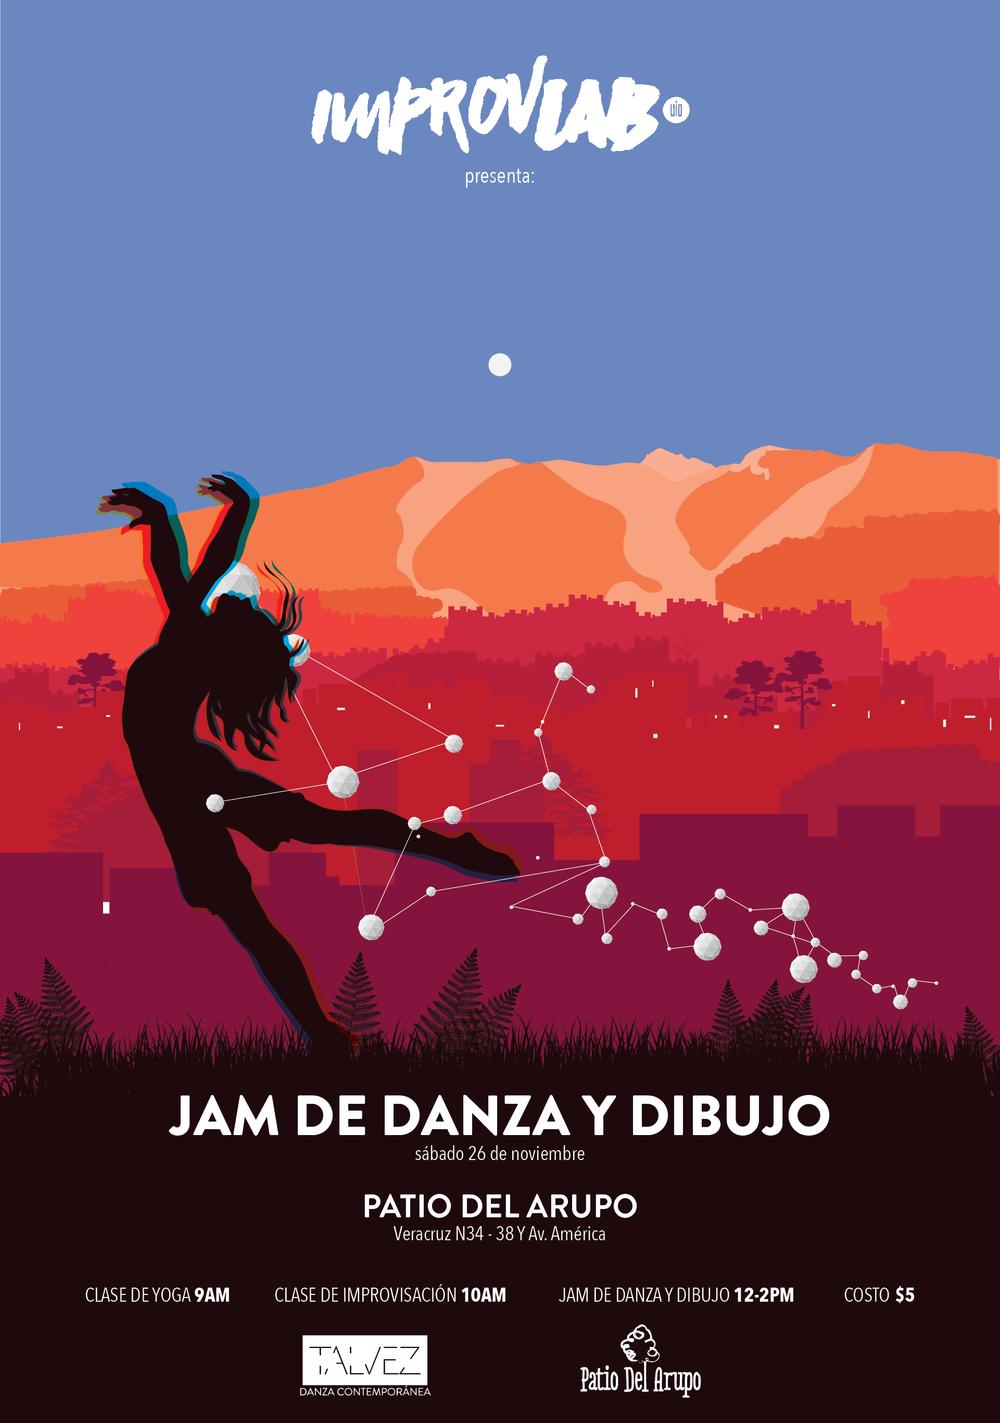 JAM DE DANZA Y DIBUJO